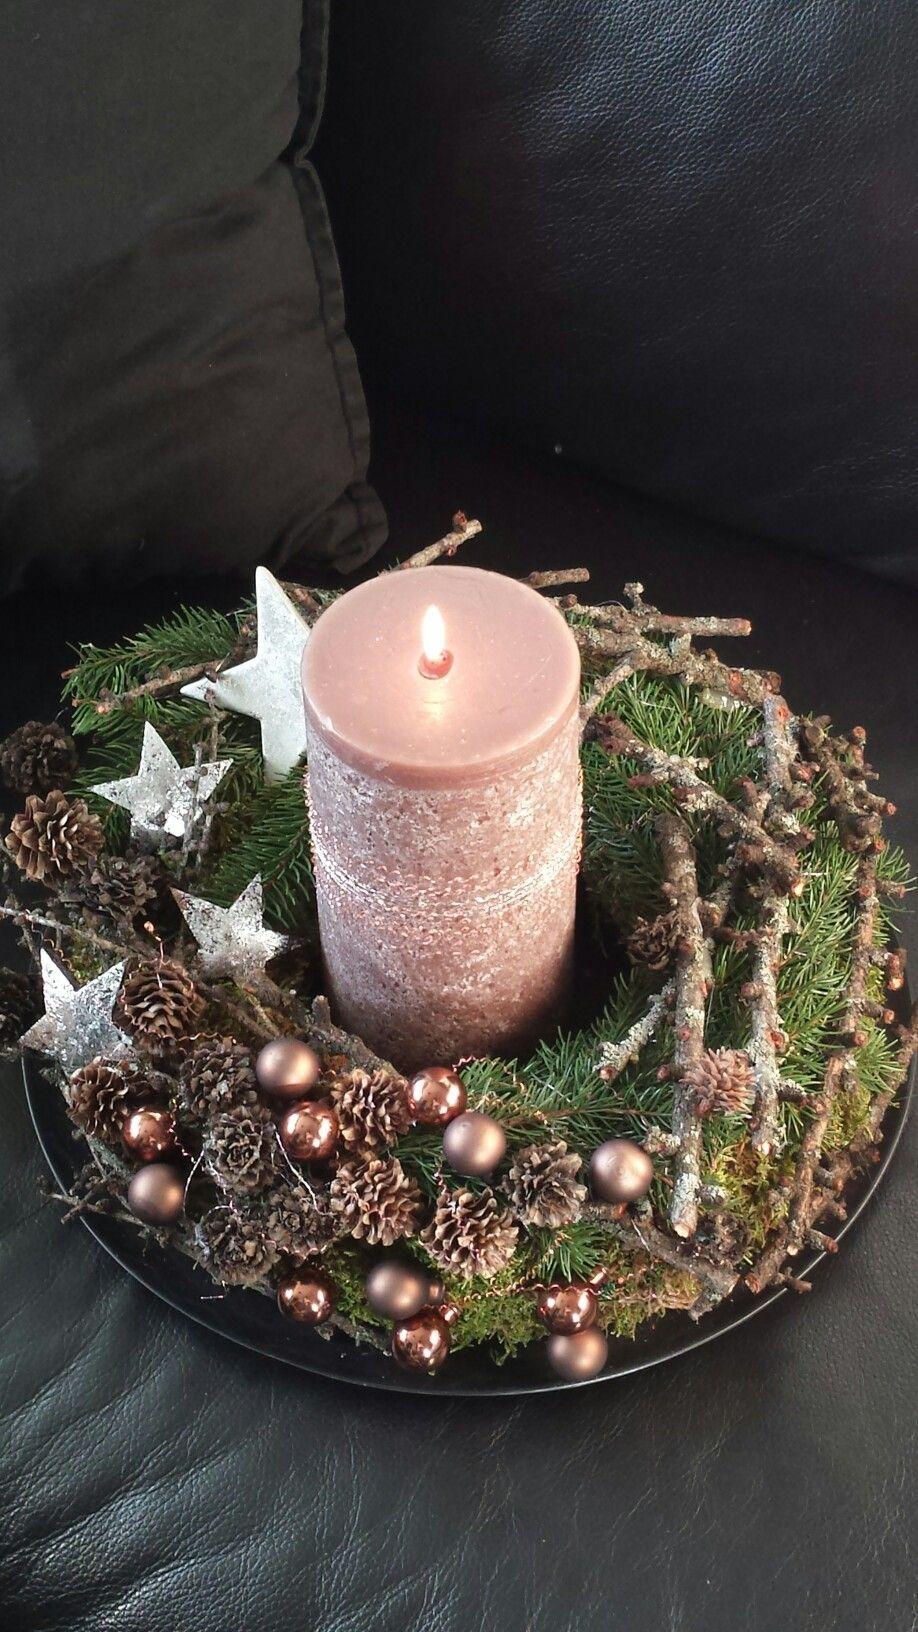 Adventskranz - ♥ wiederverbarer Adventskranz mit LED-Lichterkette - ein Designerstück von Sternenglanz-Clemens bei DaWanda #adventskranzideen - womensday #candles